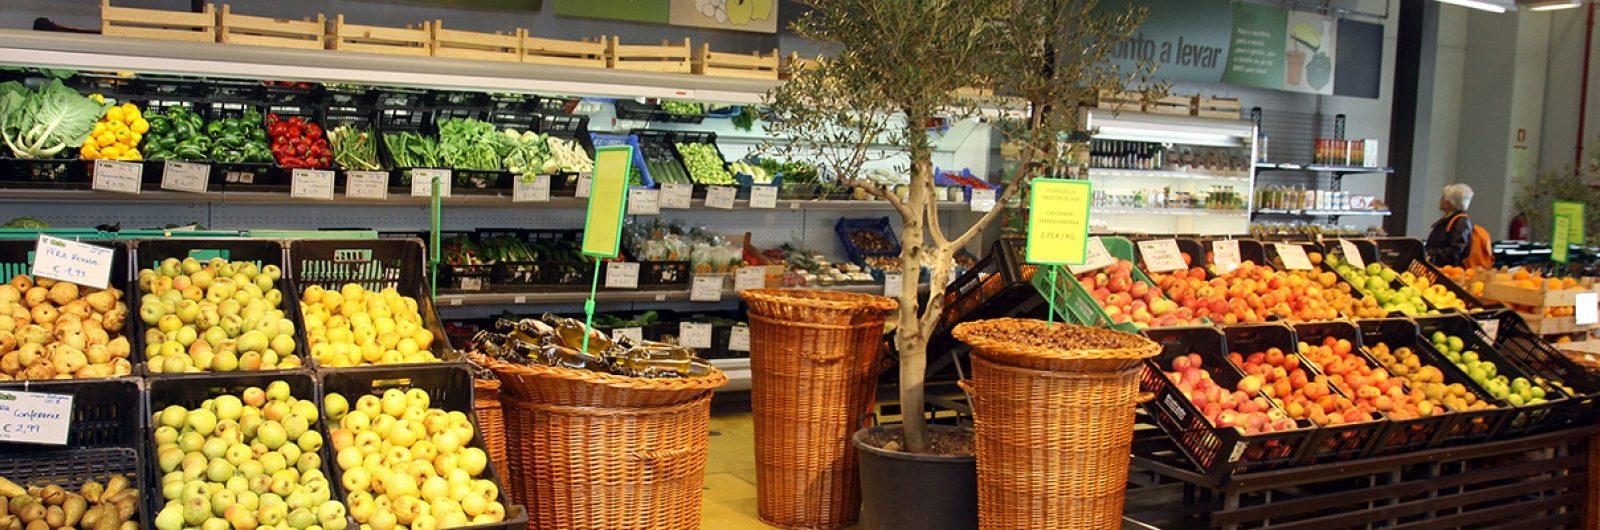 Supermercado Brio